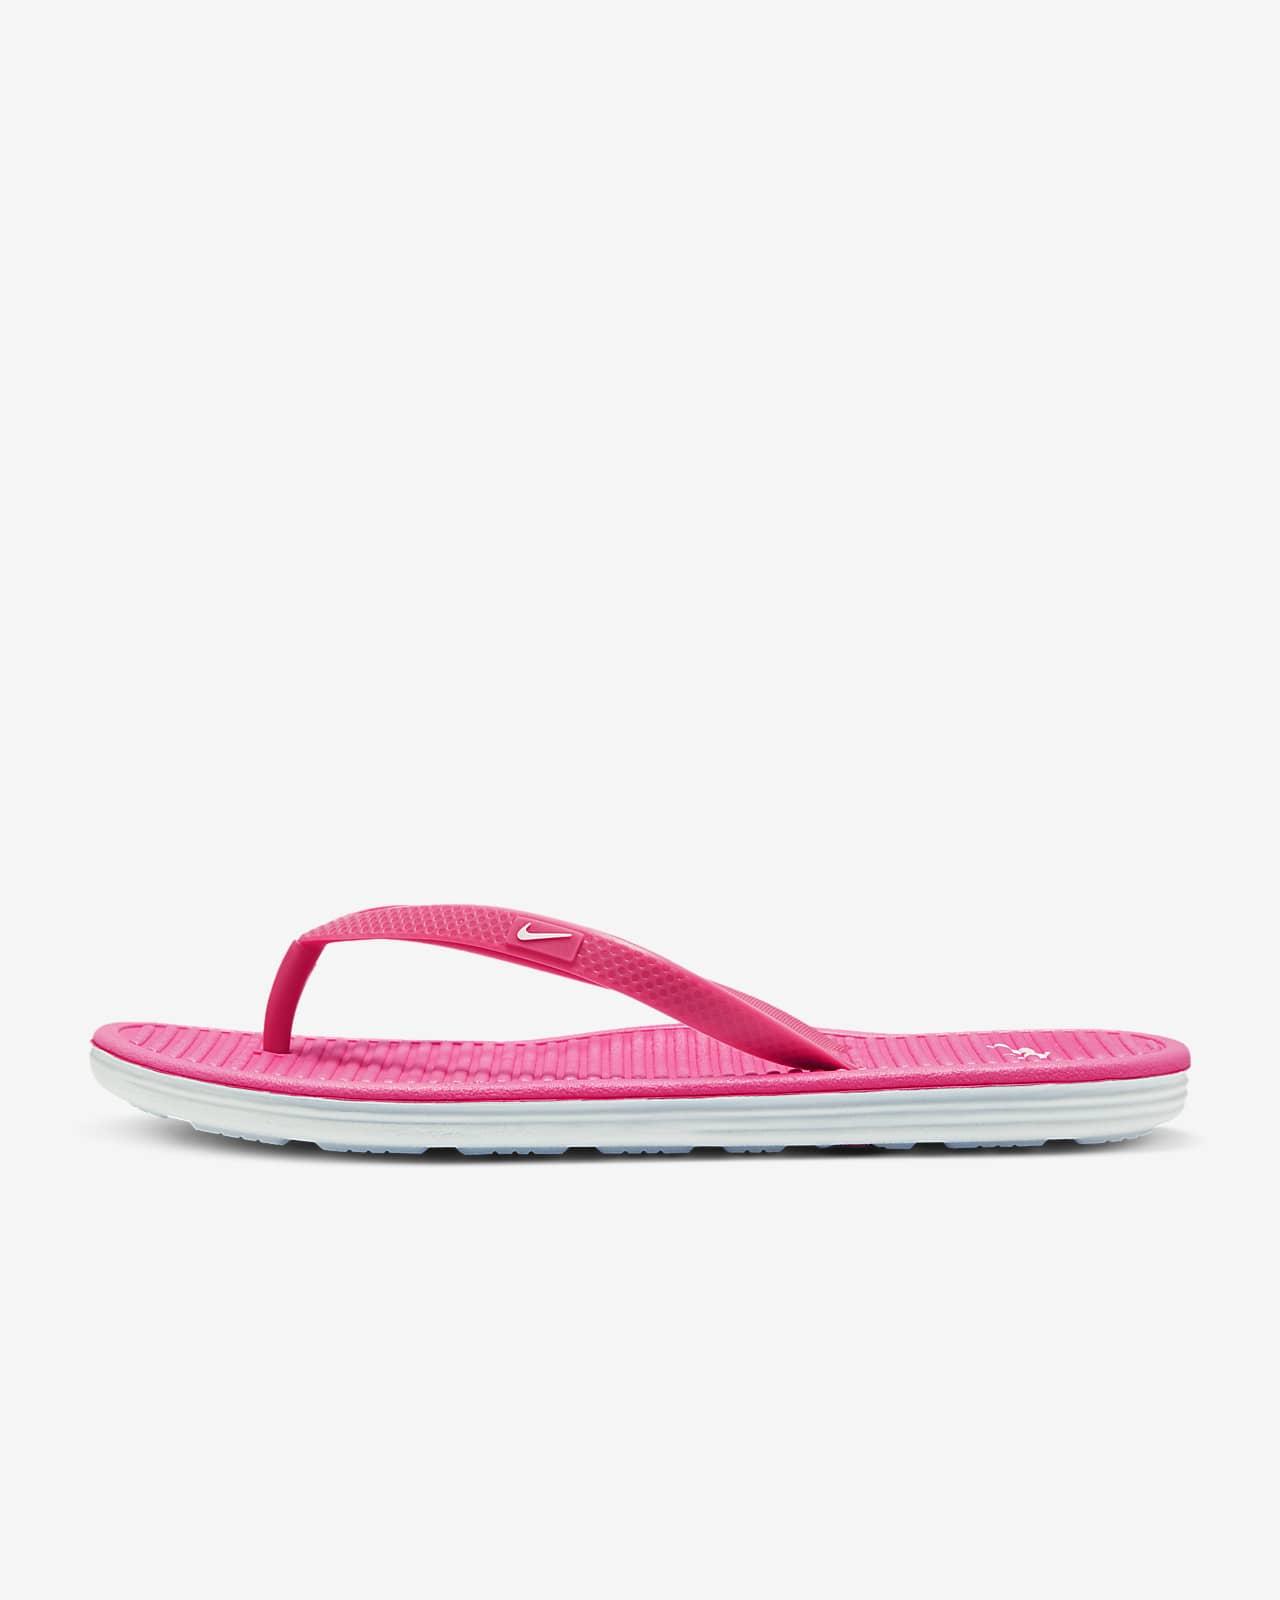 Nike Solarsoft Women's Flip Flop. Nike ID